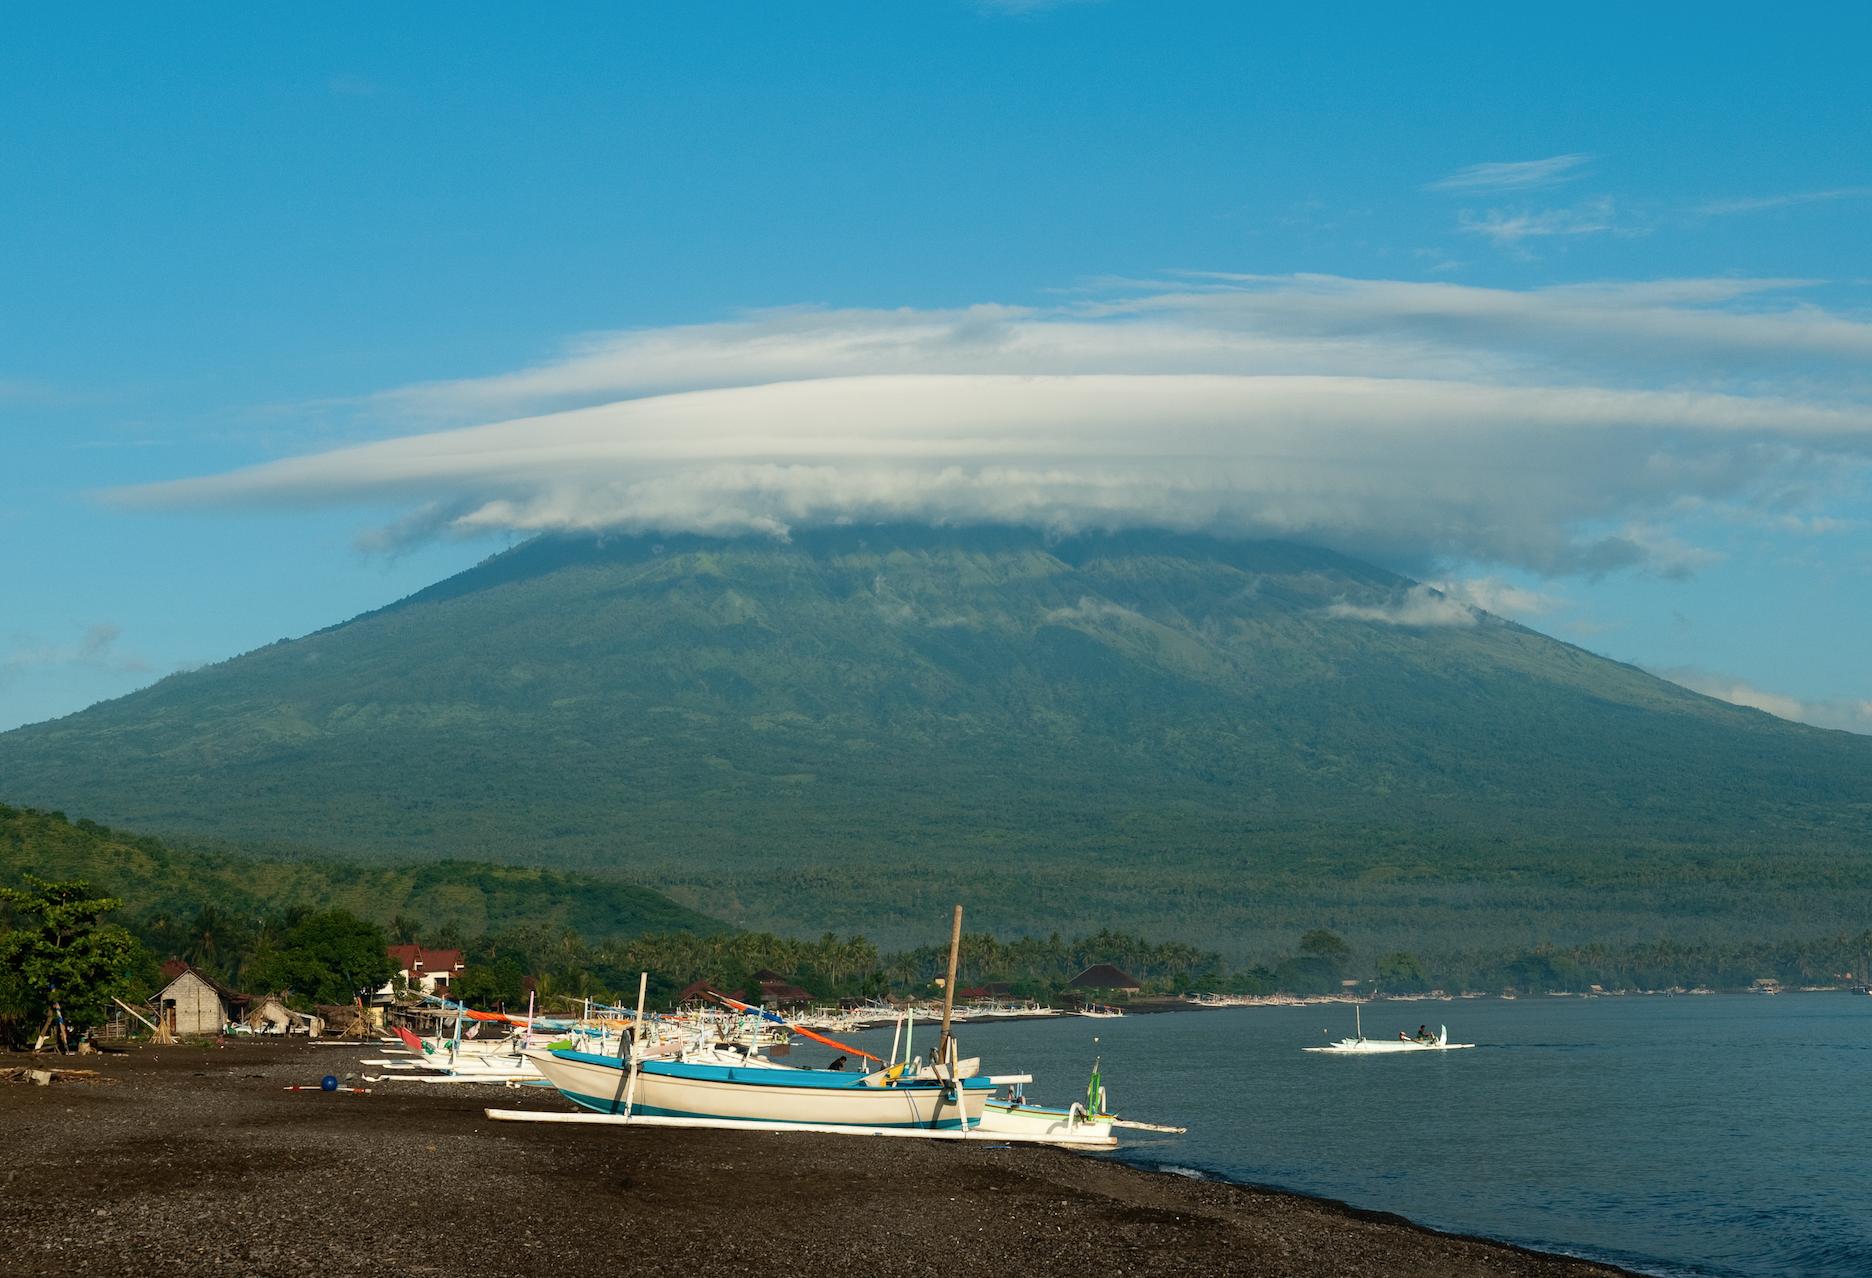 Nordsiden av Bali har sorte lavastrender. Mt Agung på 3031 moh i bakgrunnen. Foto: Jesse Wagstaff.